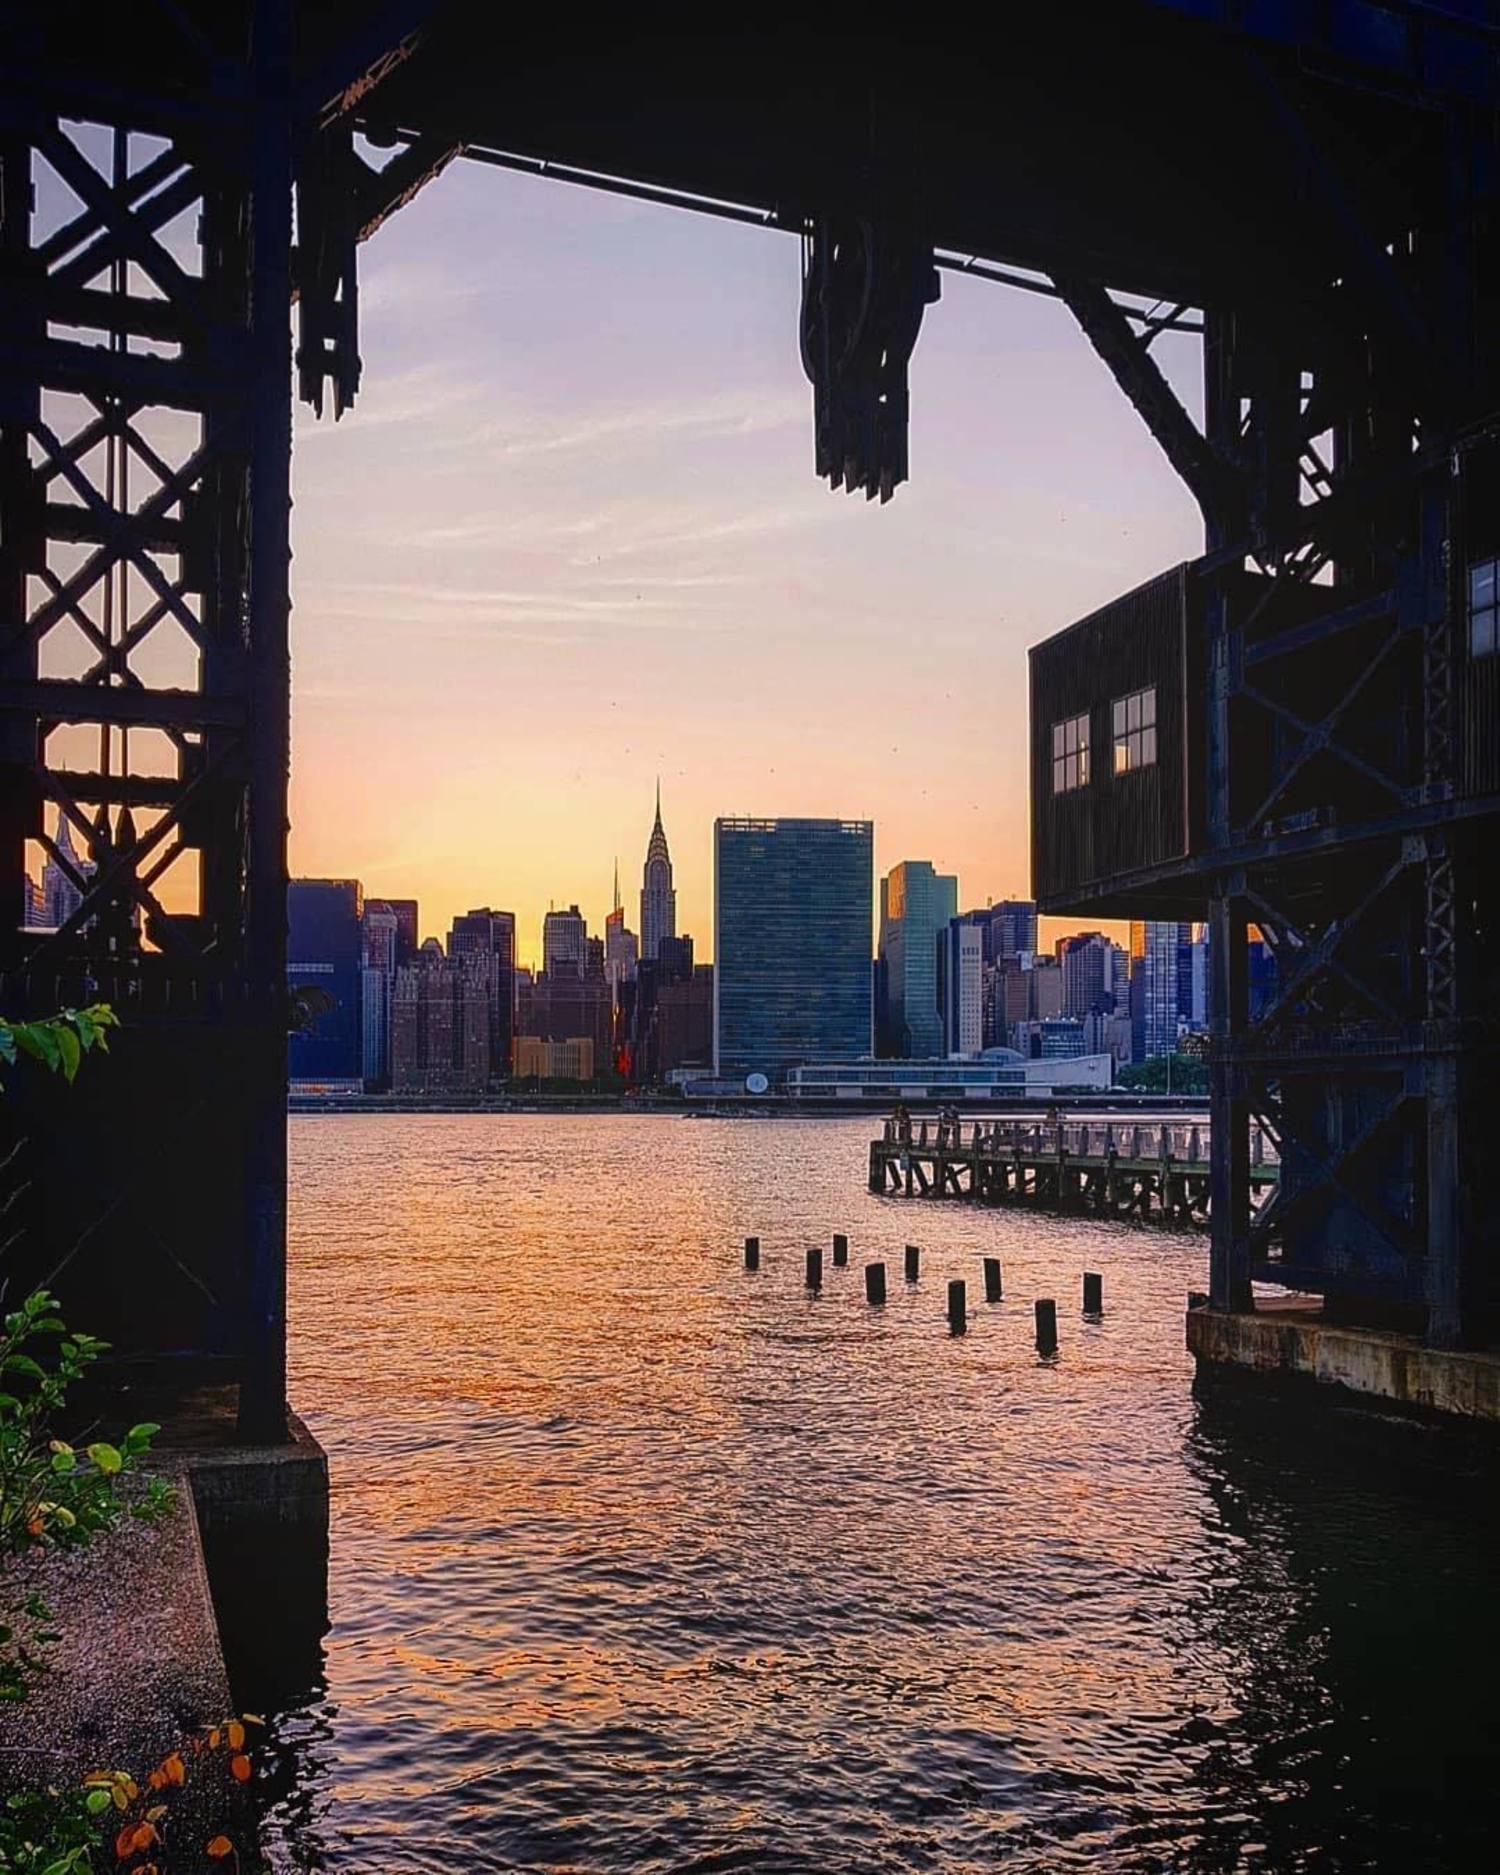 New York, New York. Photo via @brunobrasileiro #viewingnyc #newyork #newyorkcity #nyc